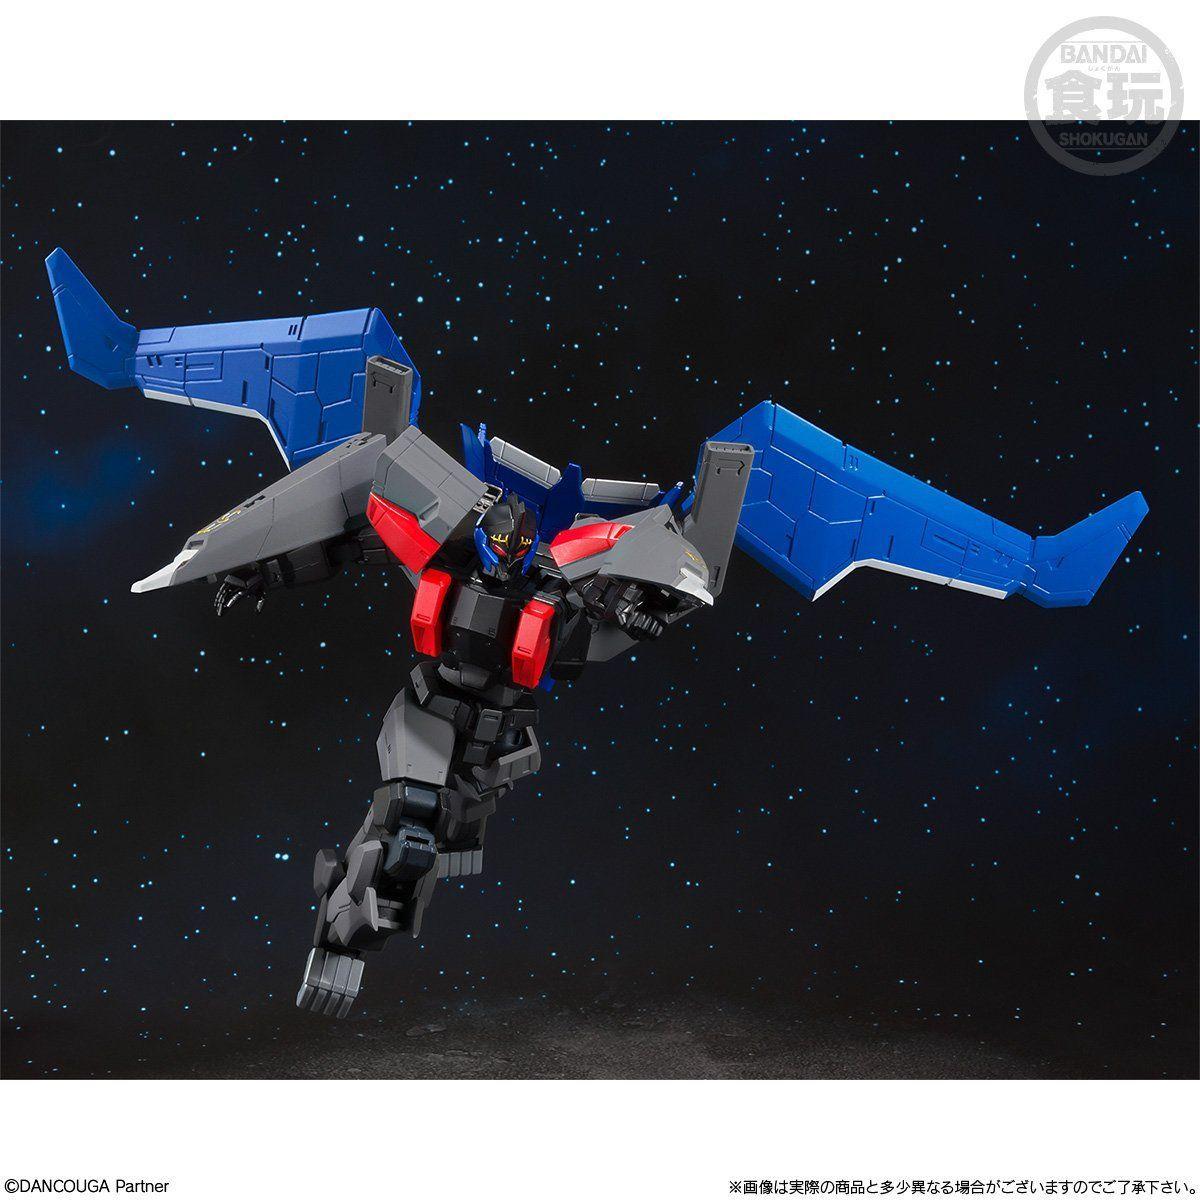 スーパーミニプラ 超獣機神ダンクーガ ブラックウイング07